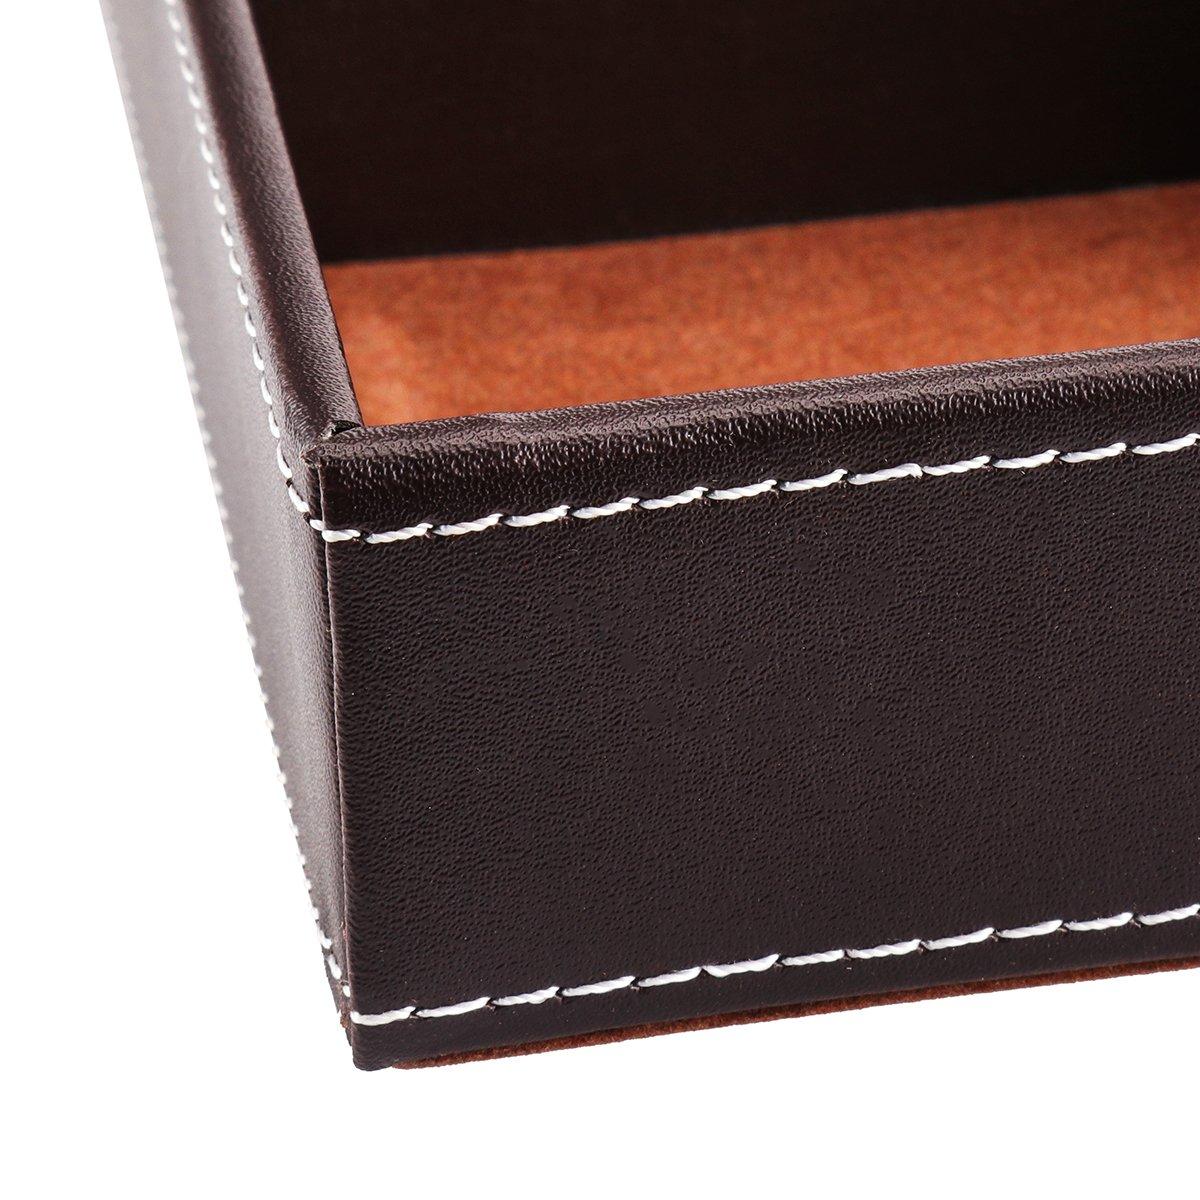 Tablett flache 4-slot Leder Kugelschreiber mit Halter Weiye Schubladen-Organizer Schublade Beh/älter/ Bleistift-Halter /12.00/X 8.26/1.69inches Fach Schreibtisch-Organizer aus Leder